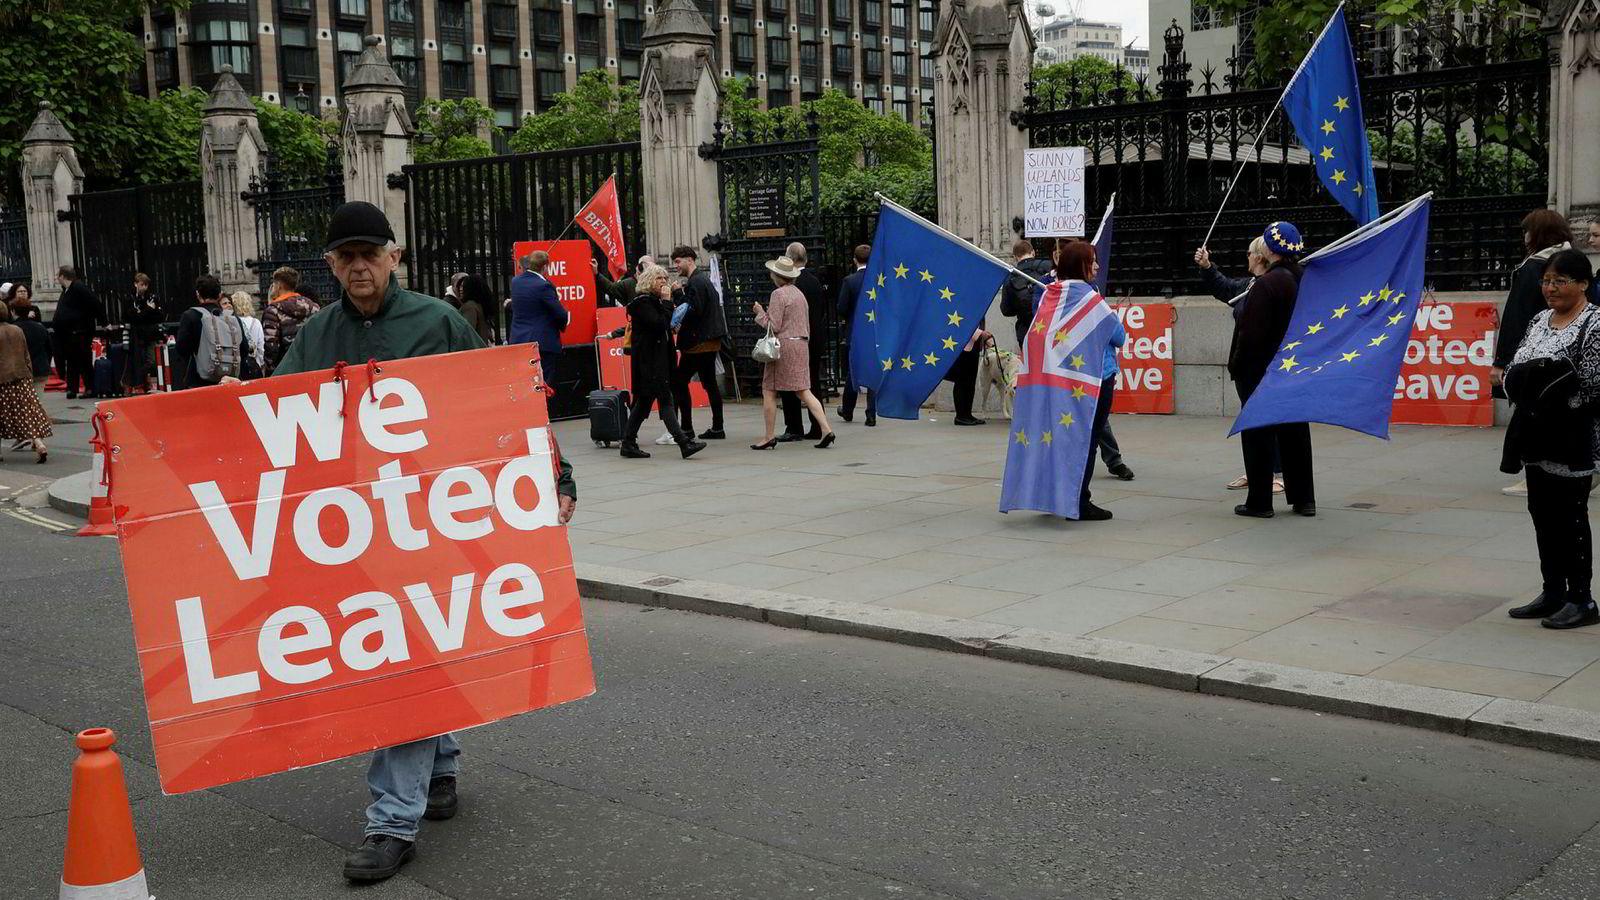 Både tilhengere og motstandere av brexit demonstrerer daglig utenfor Parlamentet i London. Brexit-minister Stephen Barclay sier EU må åpne for nye forhandlinger om uttredelsesavtalen.